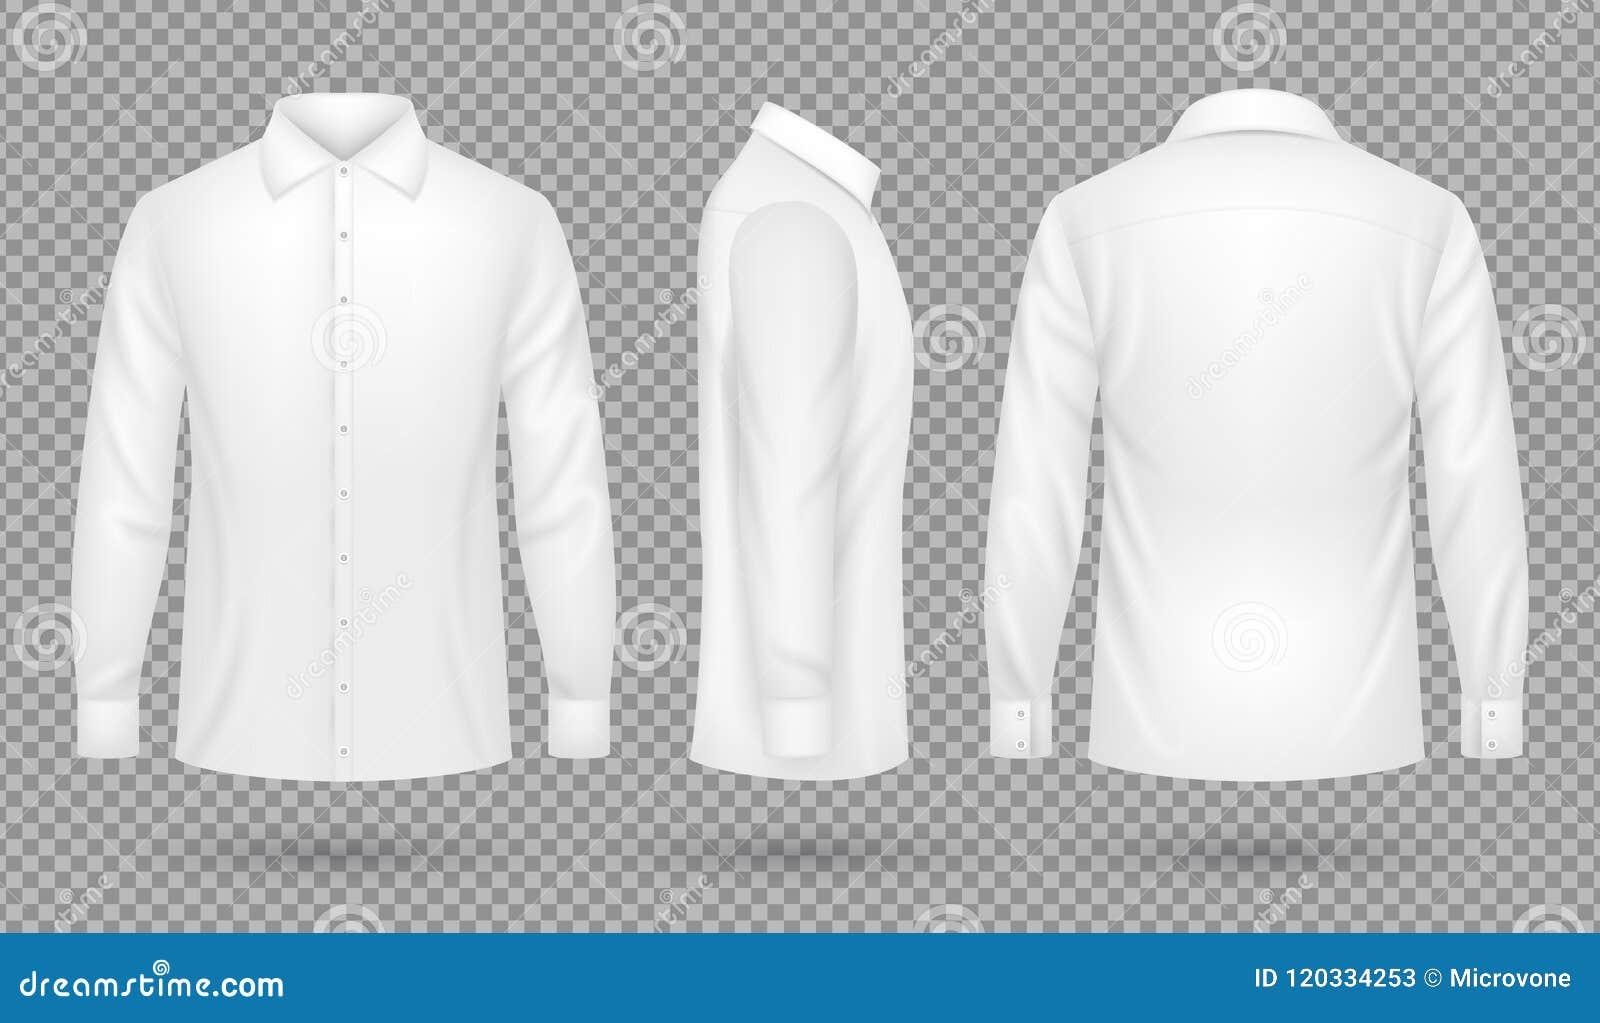 Wit leeg mannelijk overhemd met lange kokers in voor, zij, achtermeningen Realistisch vector geïsoleerd malplaatje